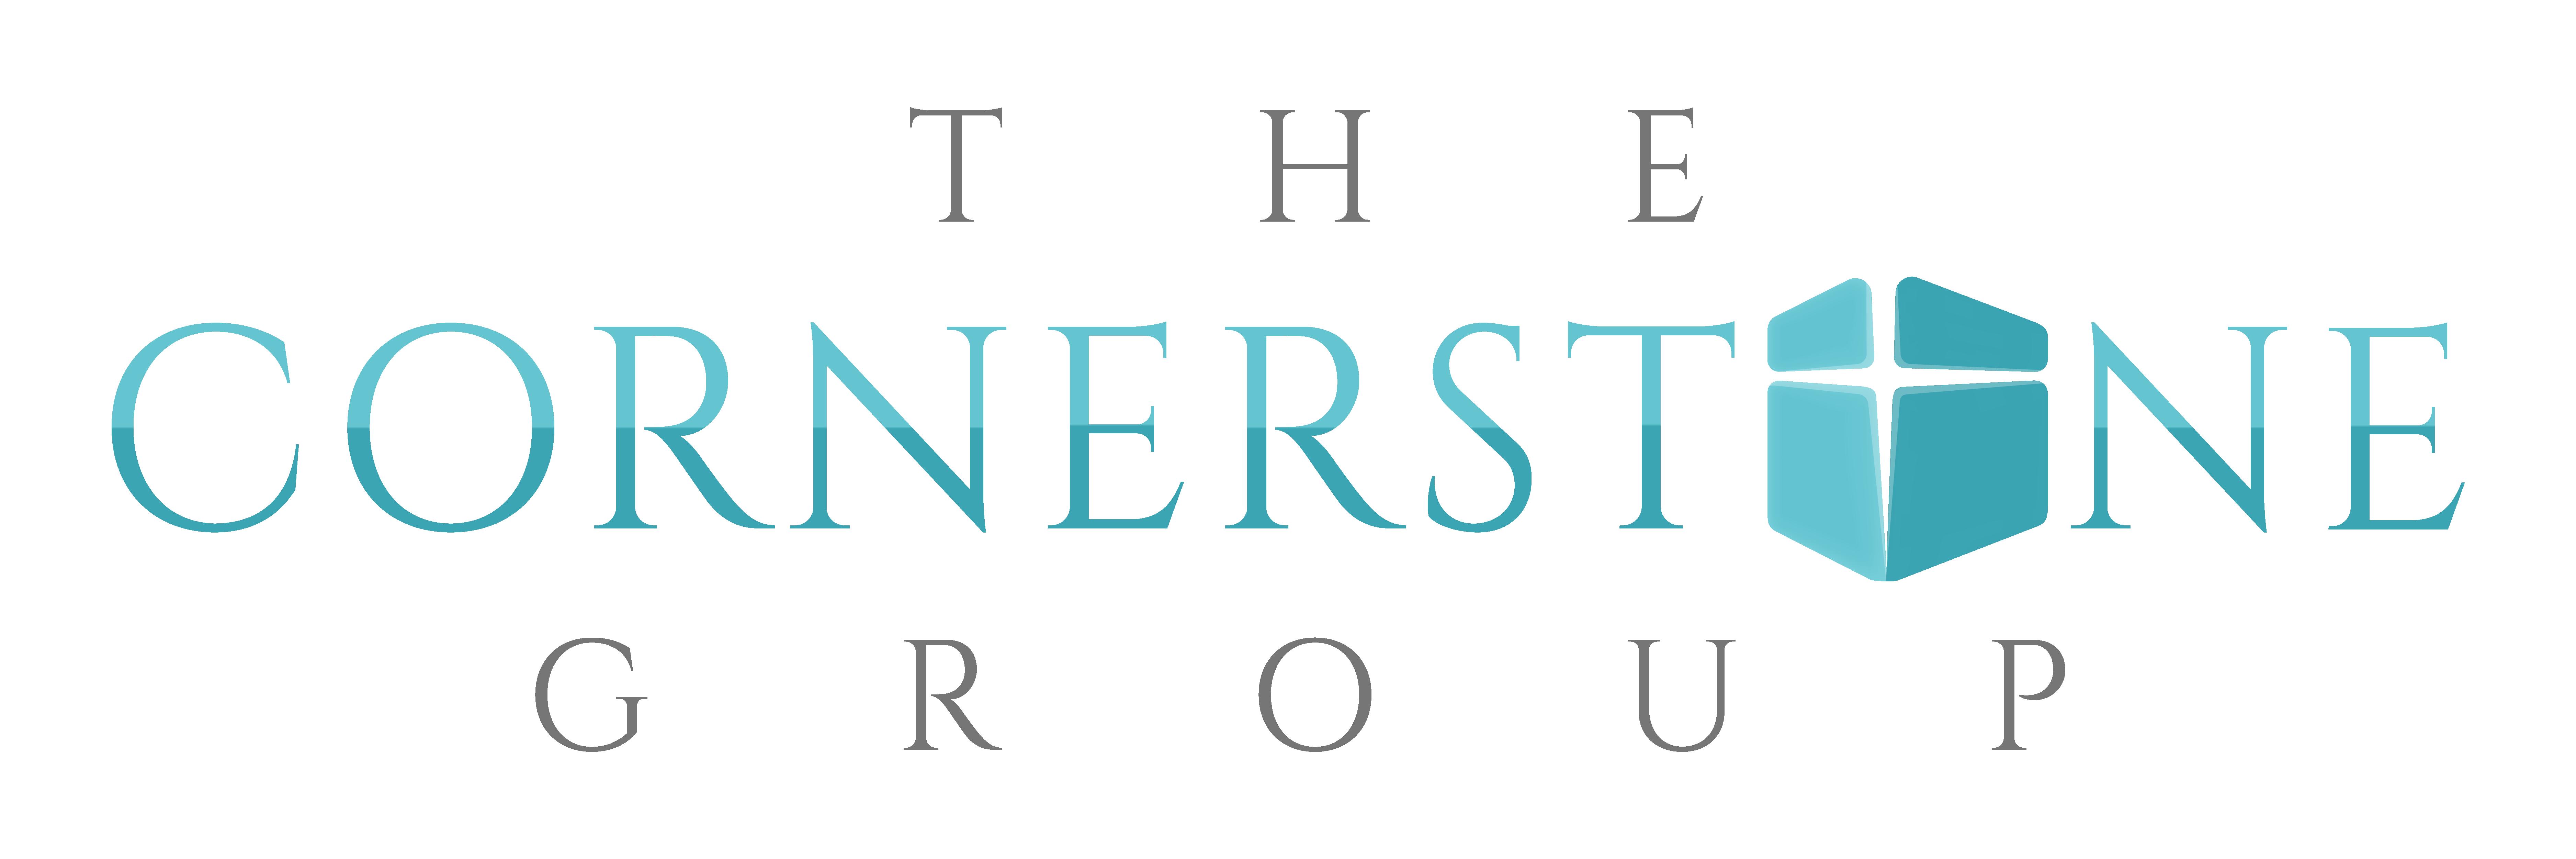 Cornerstone Christian Counseling Logo